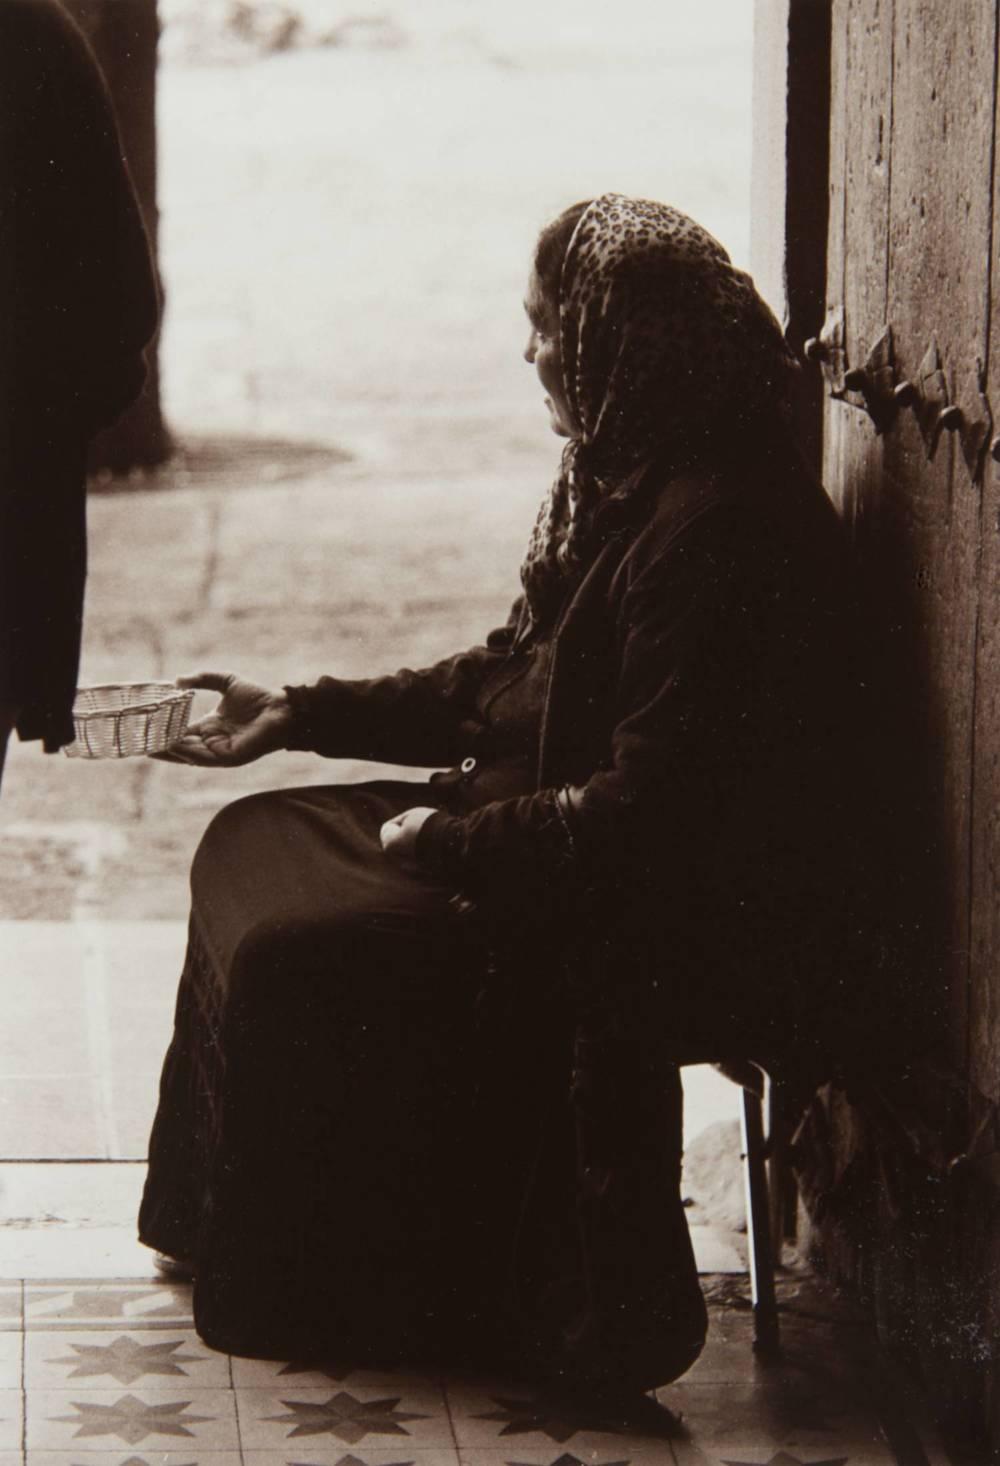 Beggar (Málaga, Spain)